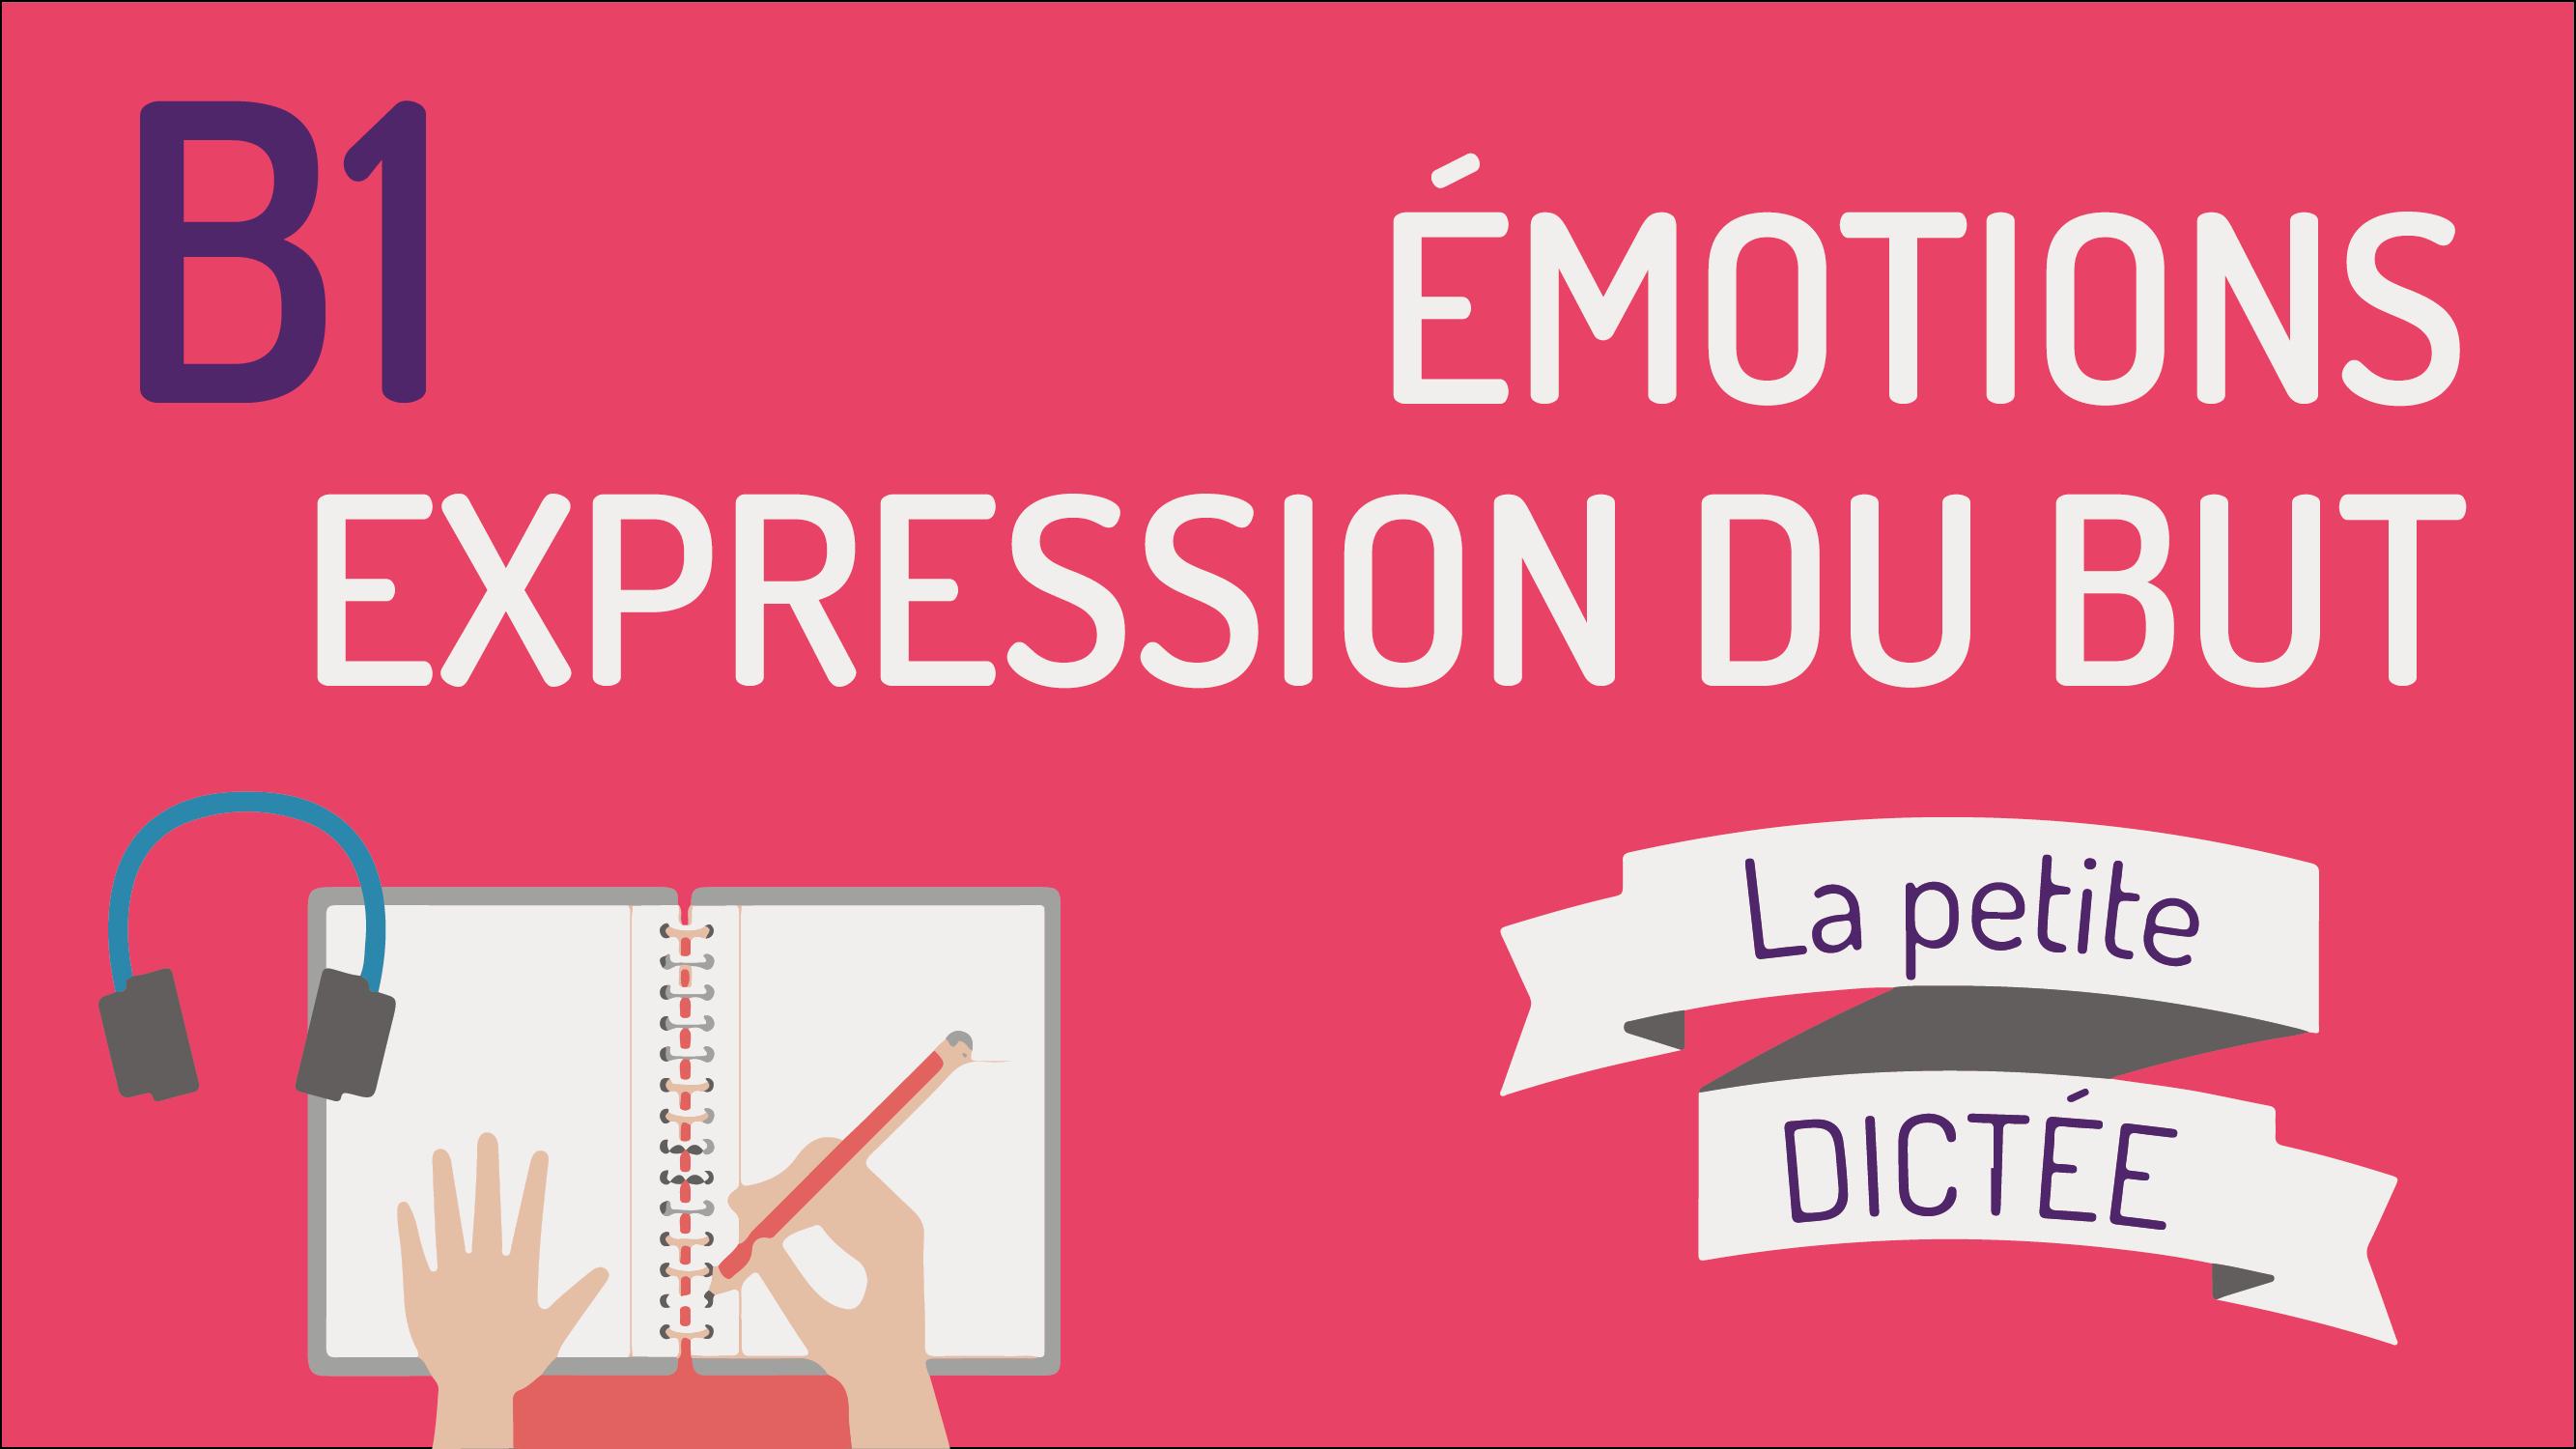 La petite dictée #7 : les émotions et le but